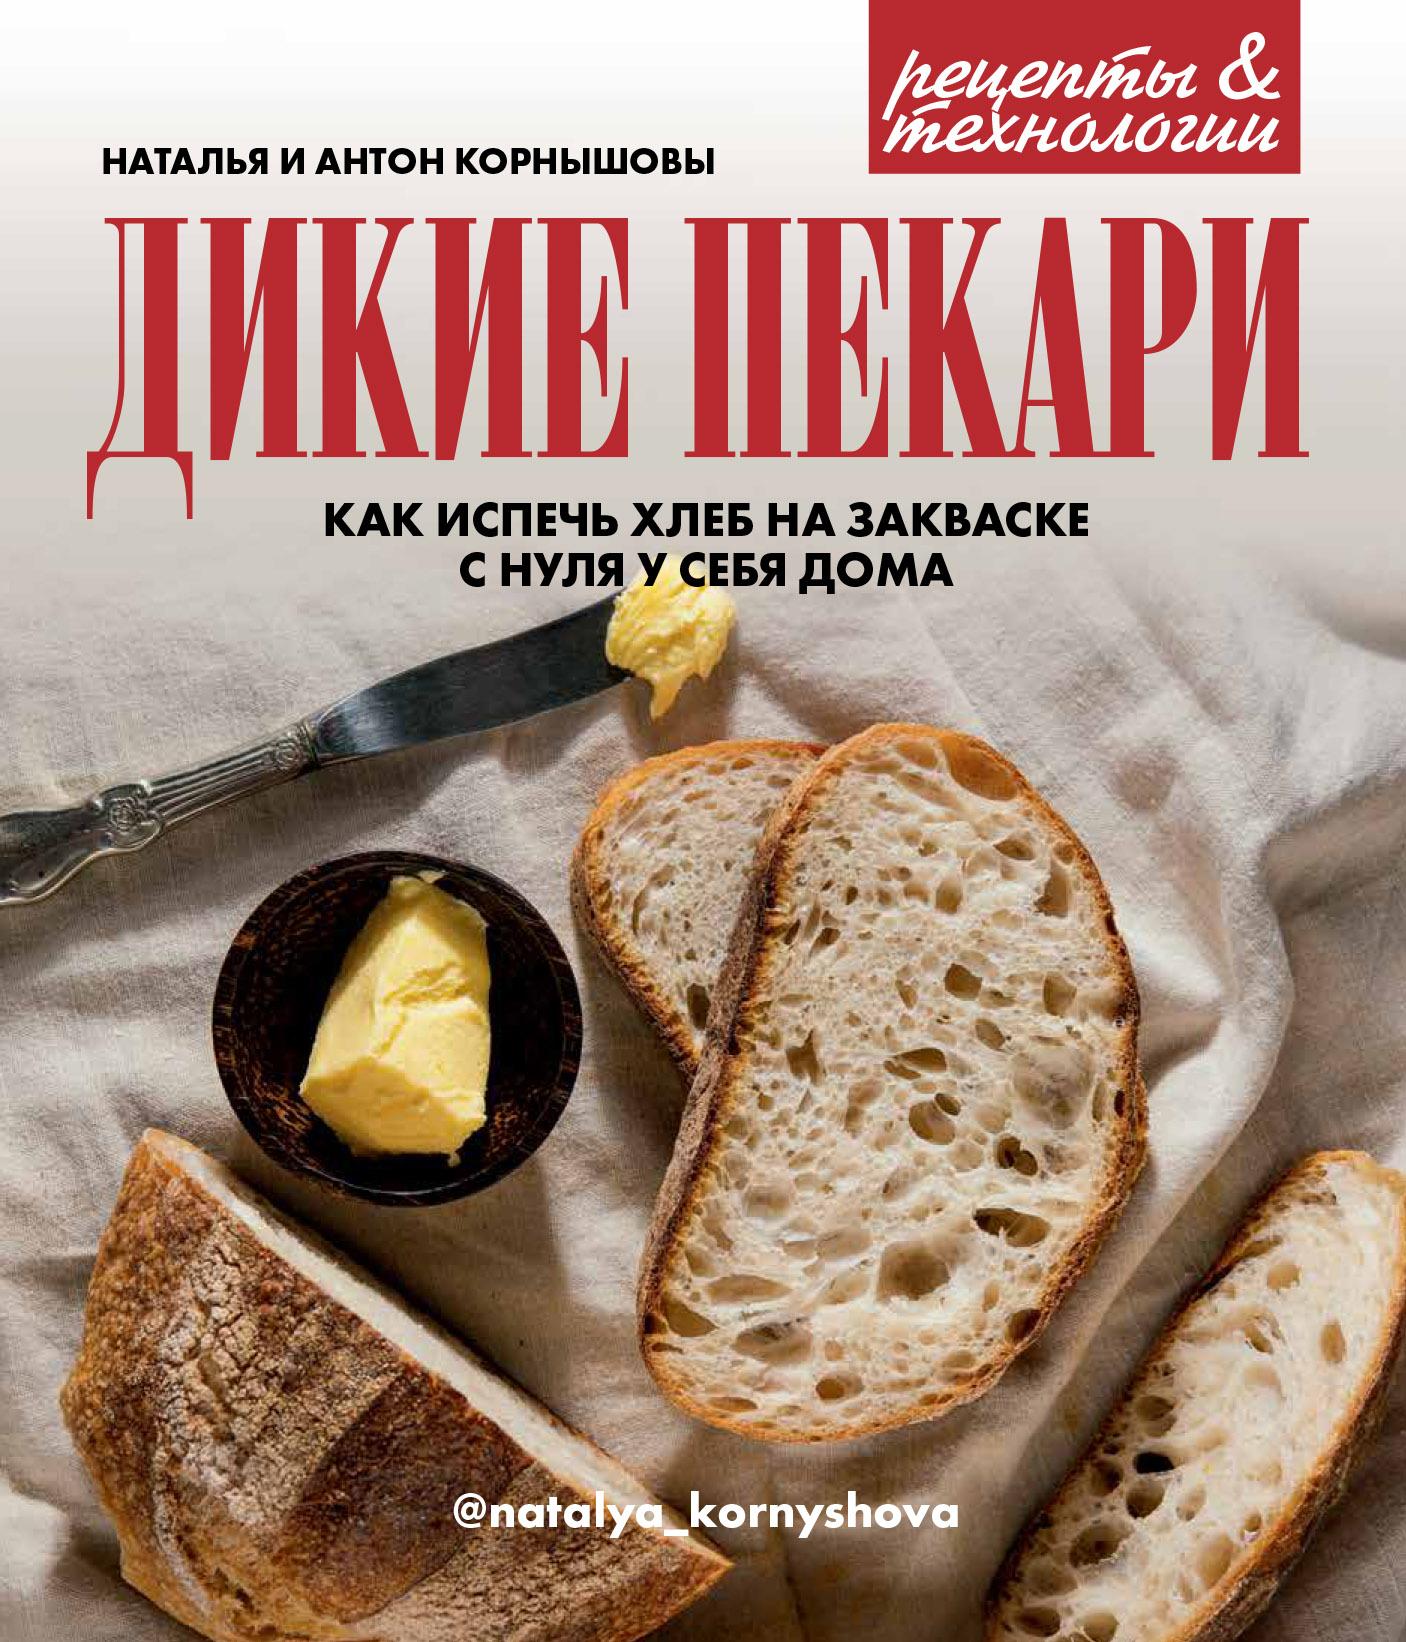 Наталья Корнышова Дикие пекари. Как испечь хлеб на закваске с нуля у себя дома